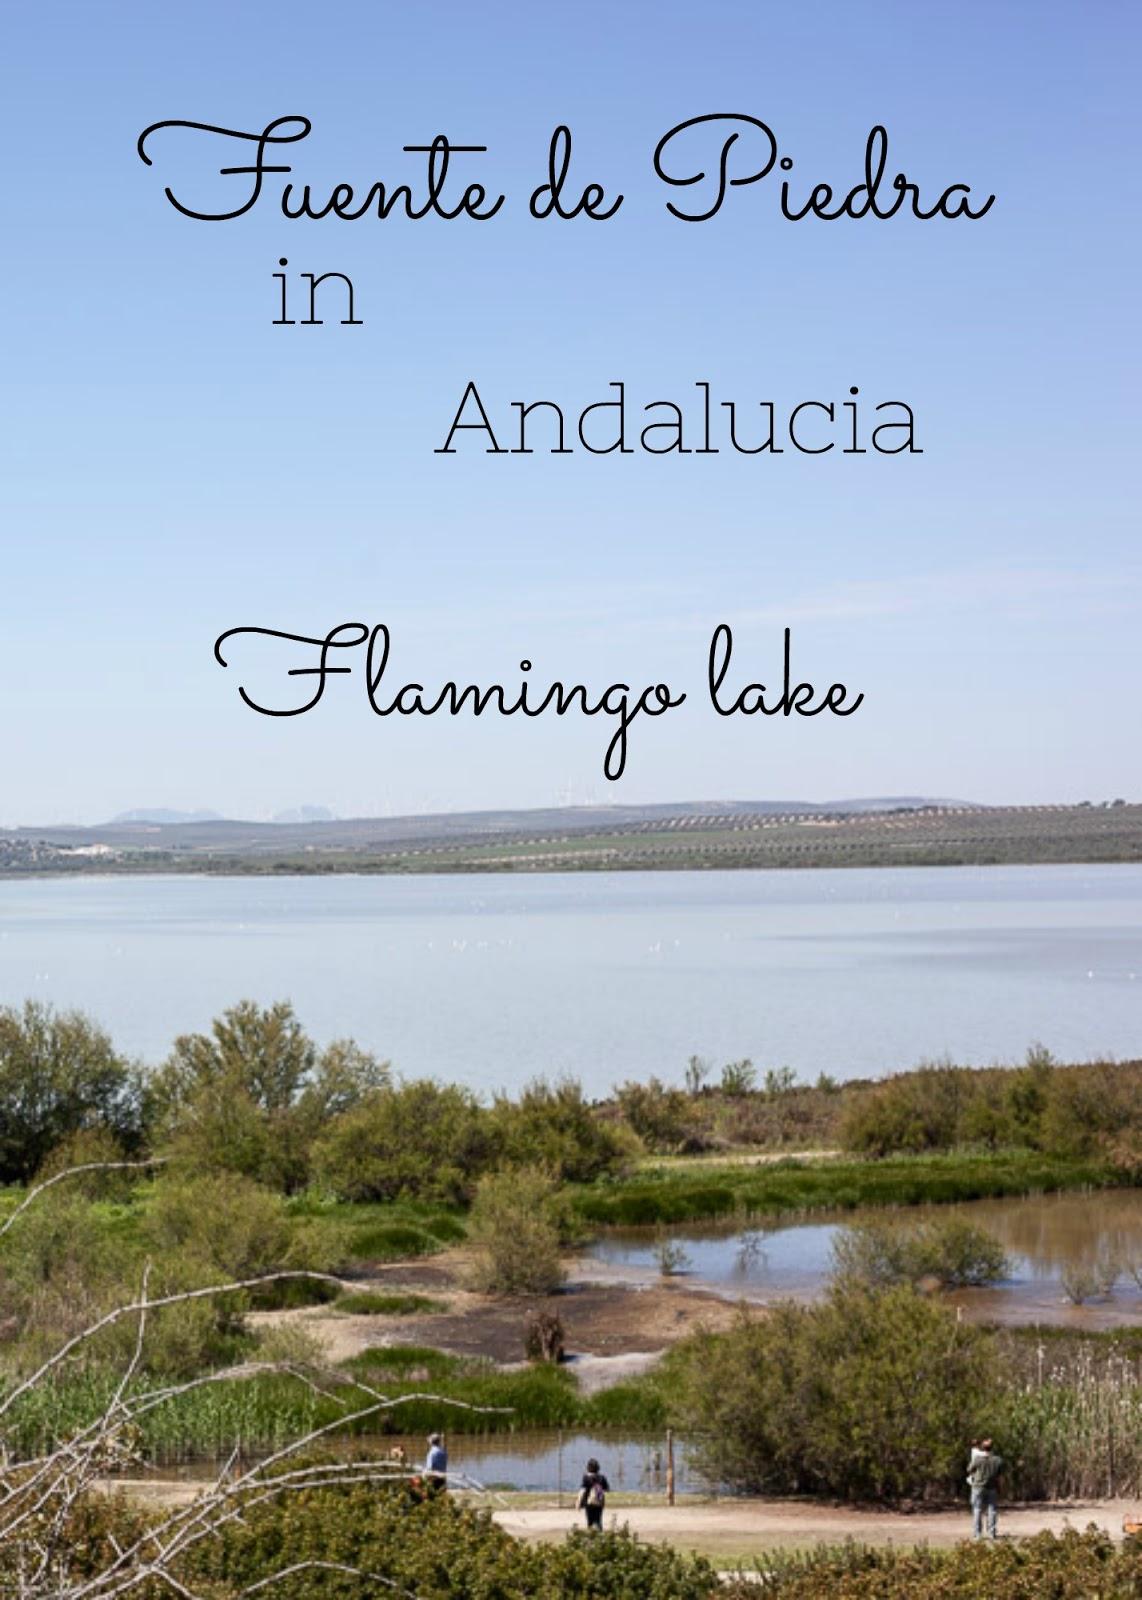 Flamingo lake in Andalucia